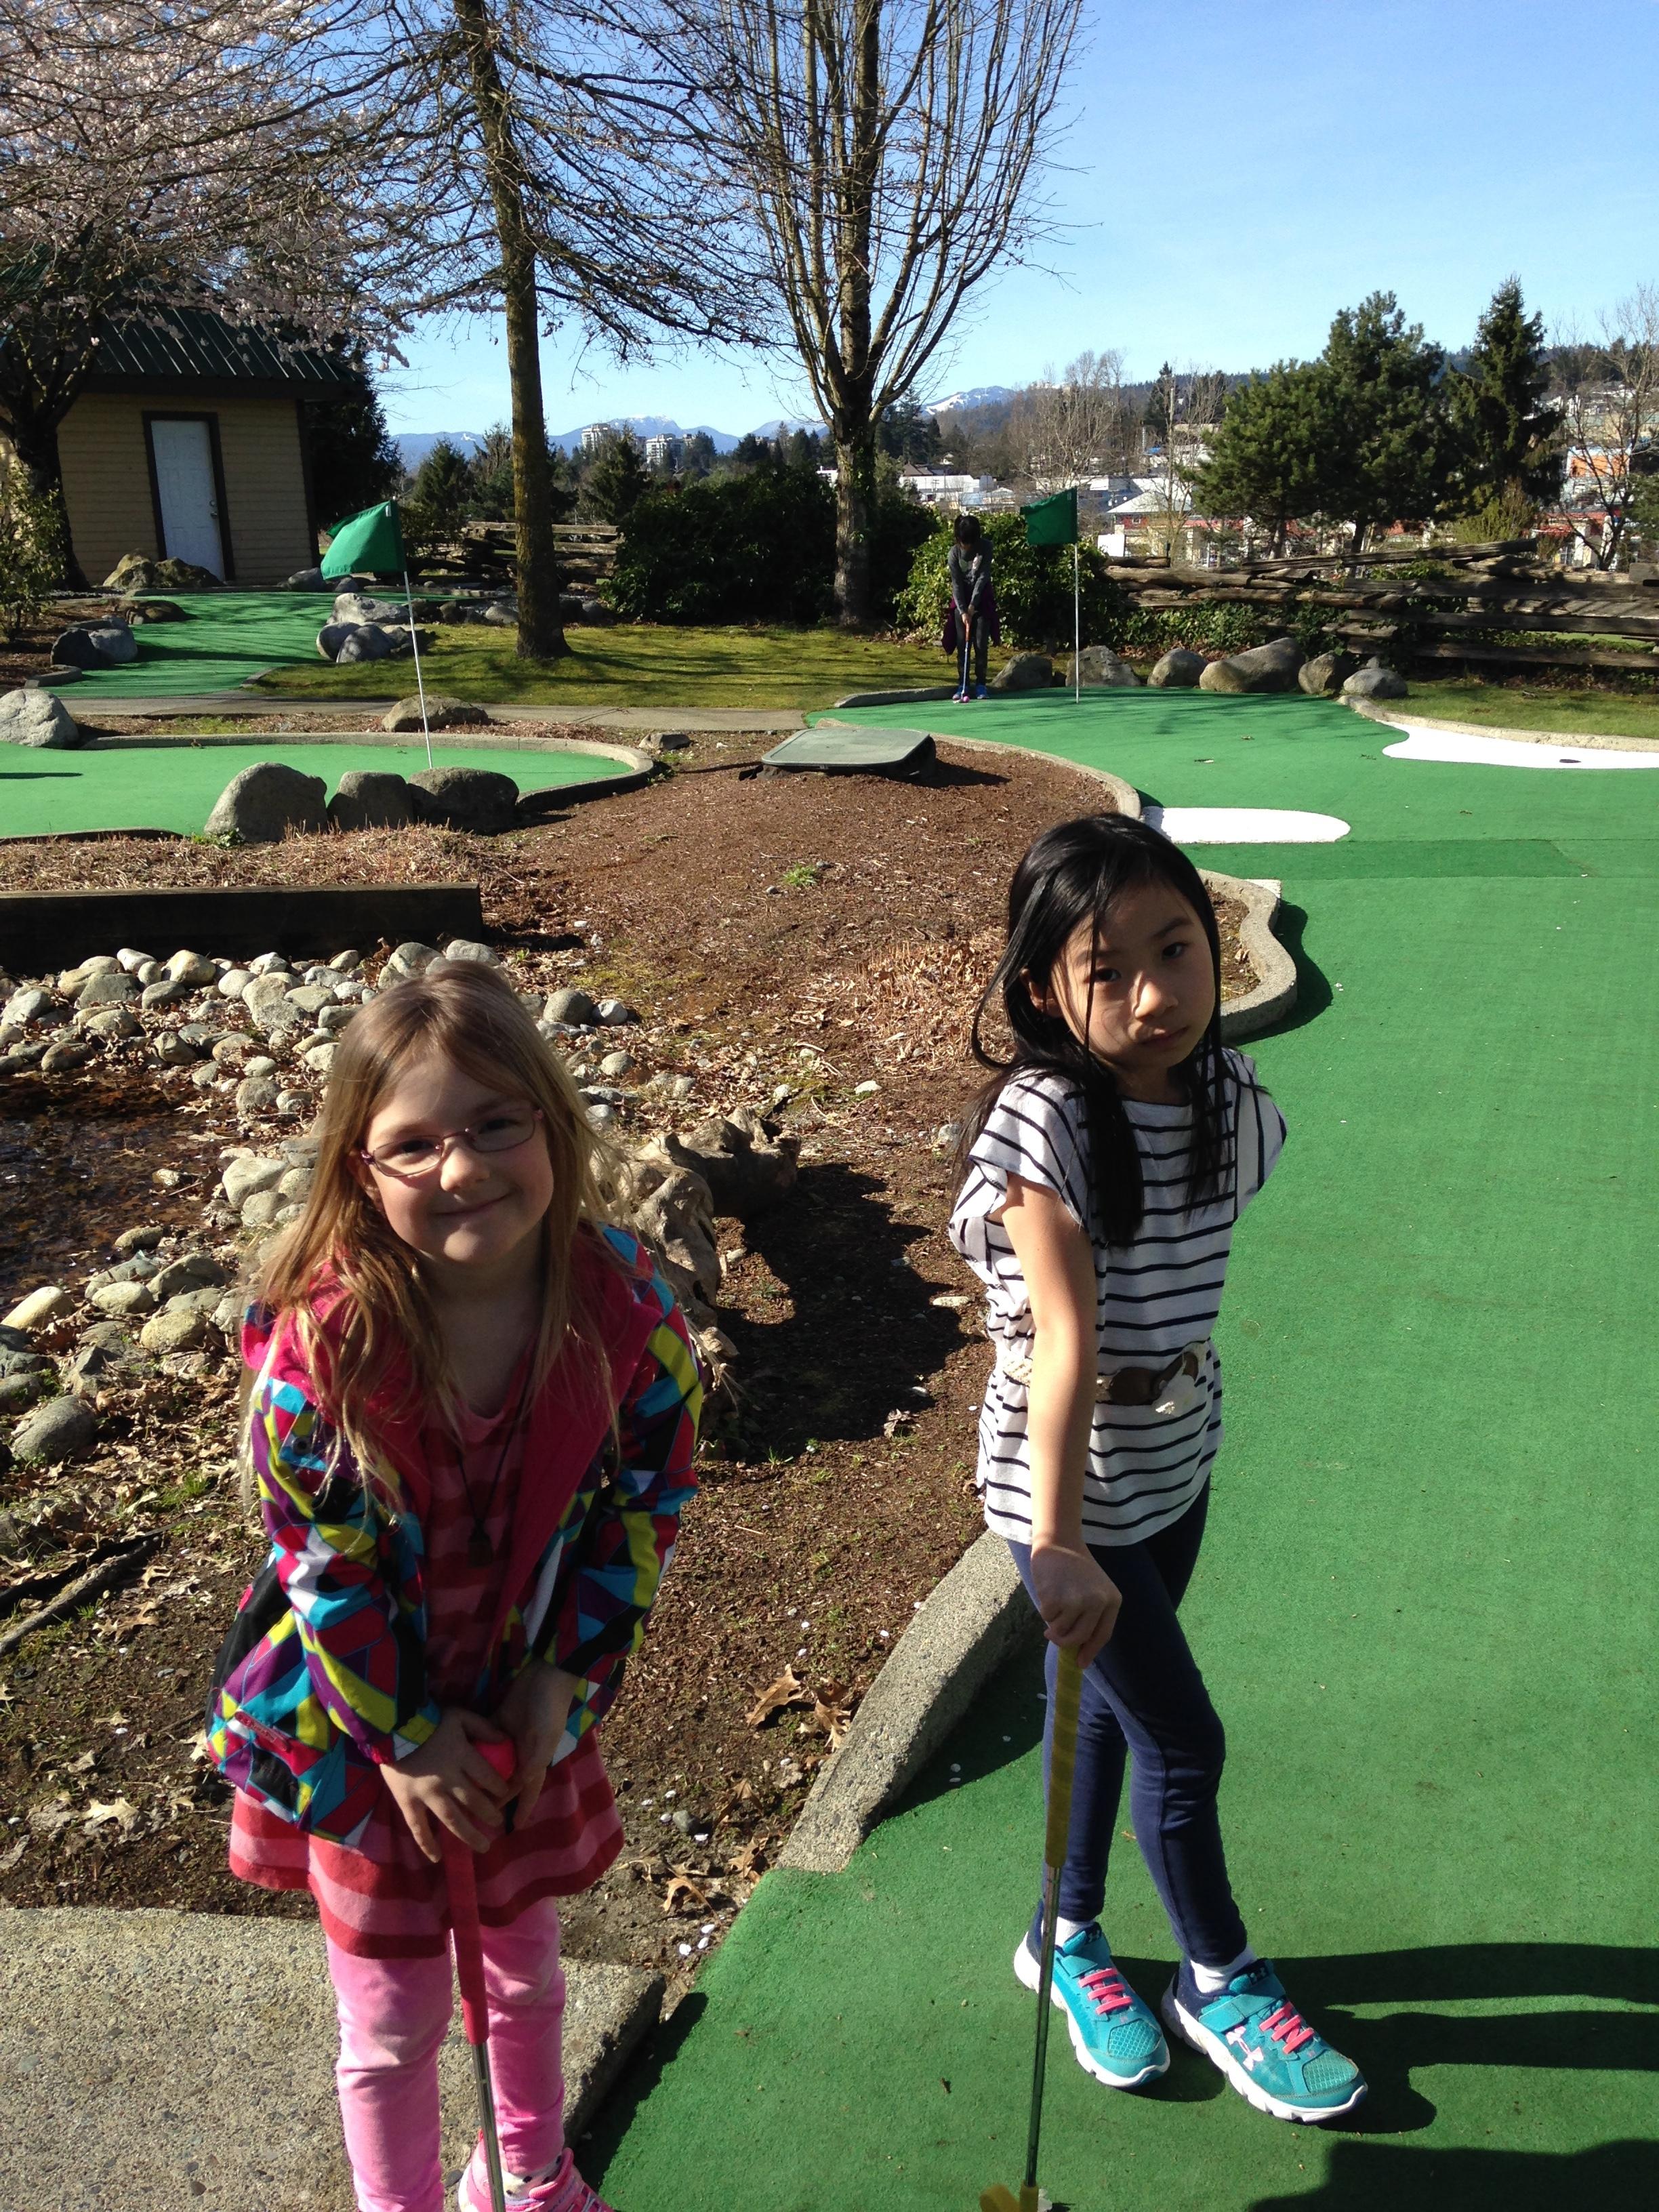 little kids mini golfing.JPG